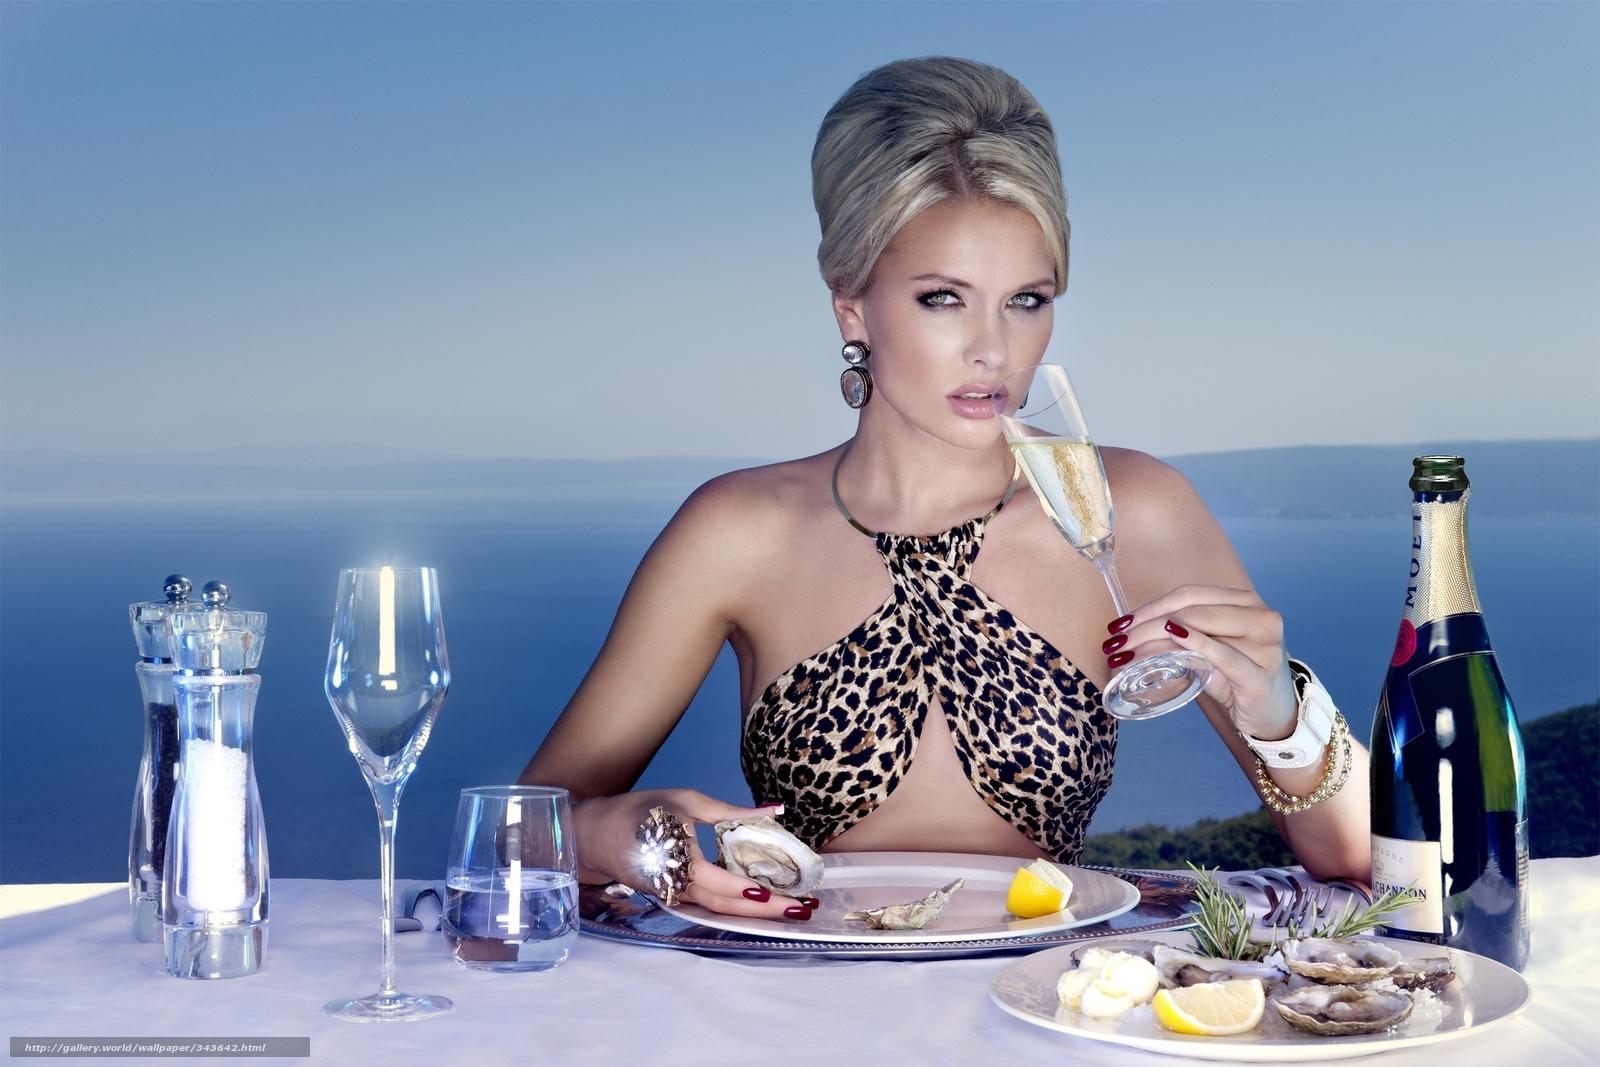 Фотографии голых женщин в ресторане кафе 19 фотография